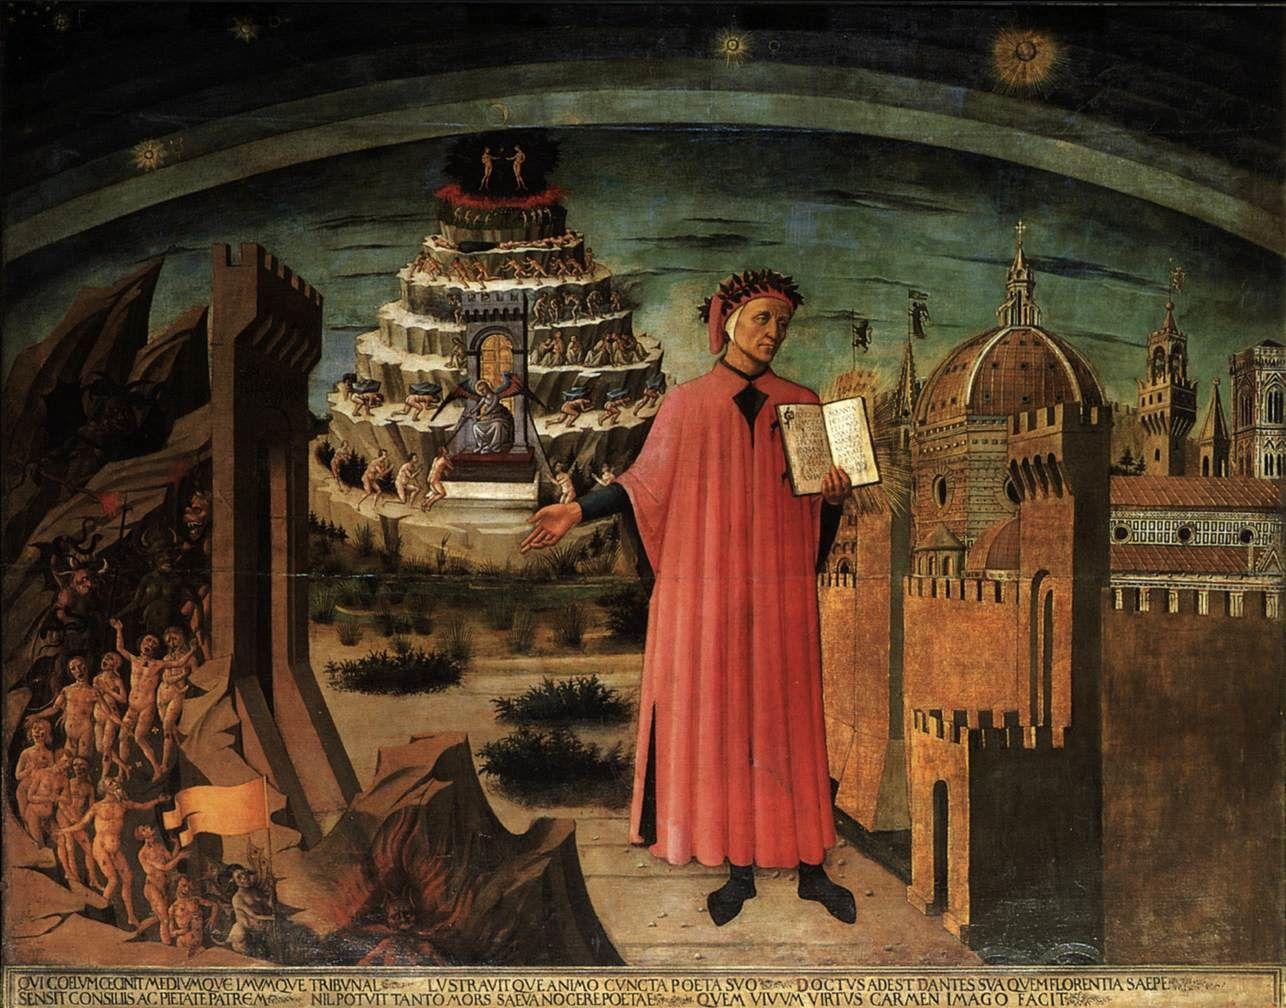 le Portrait de Dante Alighieri, la ville de Florence et l'allégorie de la Divine Comédie (1465) dans la nef de Santa Maria del Fiore. Dante est représenté au centre où il tient la Divine Comédie… À droite les morts descendent jusqu'aux enfers, à gauche le toit de la Basilique de Florence qui n'était pas encore construite à l'époque et enfin derrière Dante le purgatoire